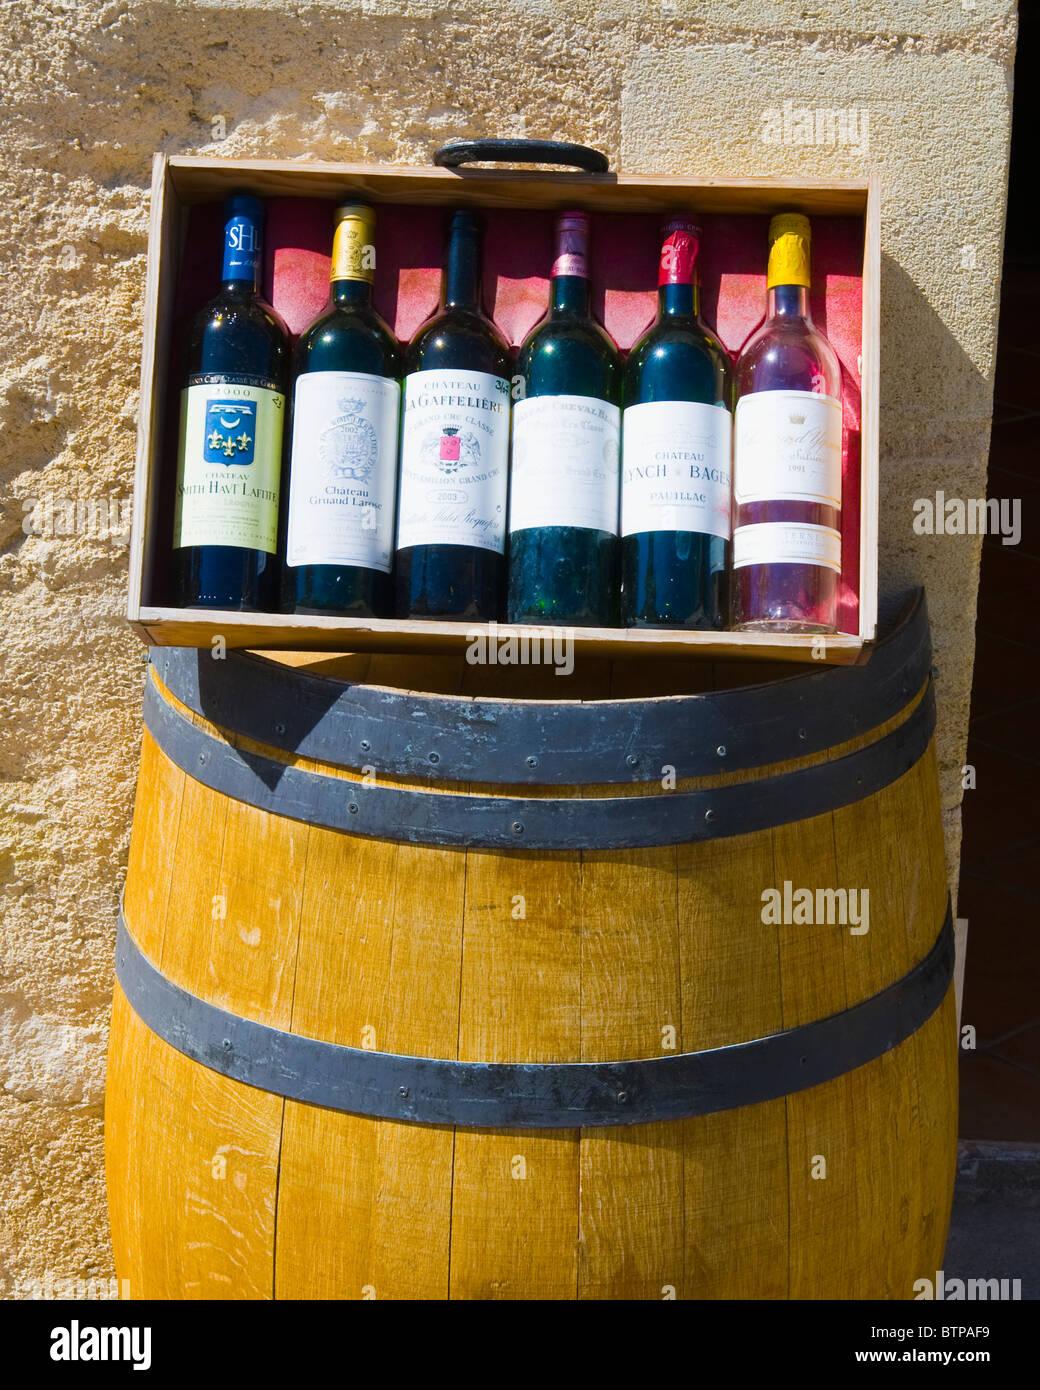 Le bottiglie di vino, Saint Emilion, Aquitaine, Francia Immagini Stock